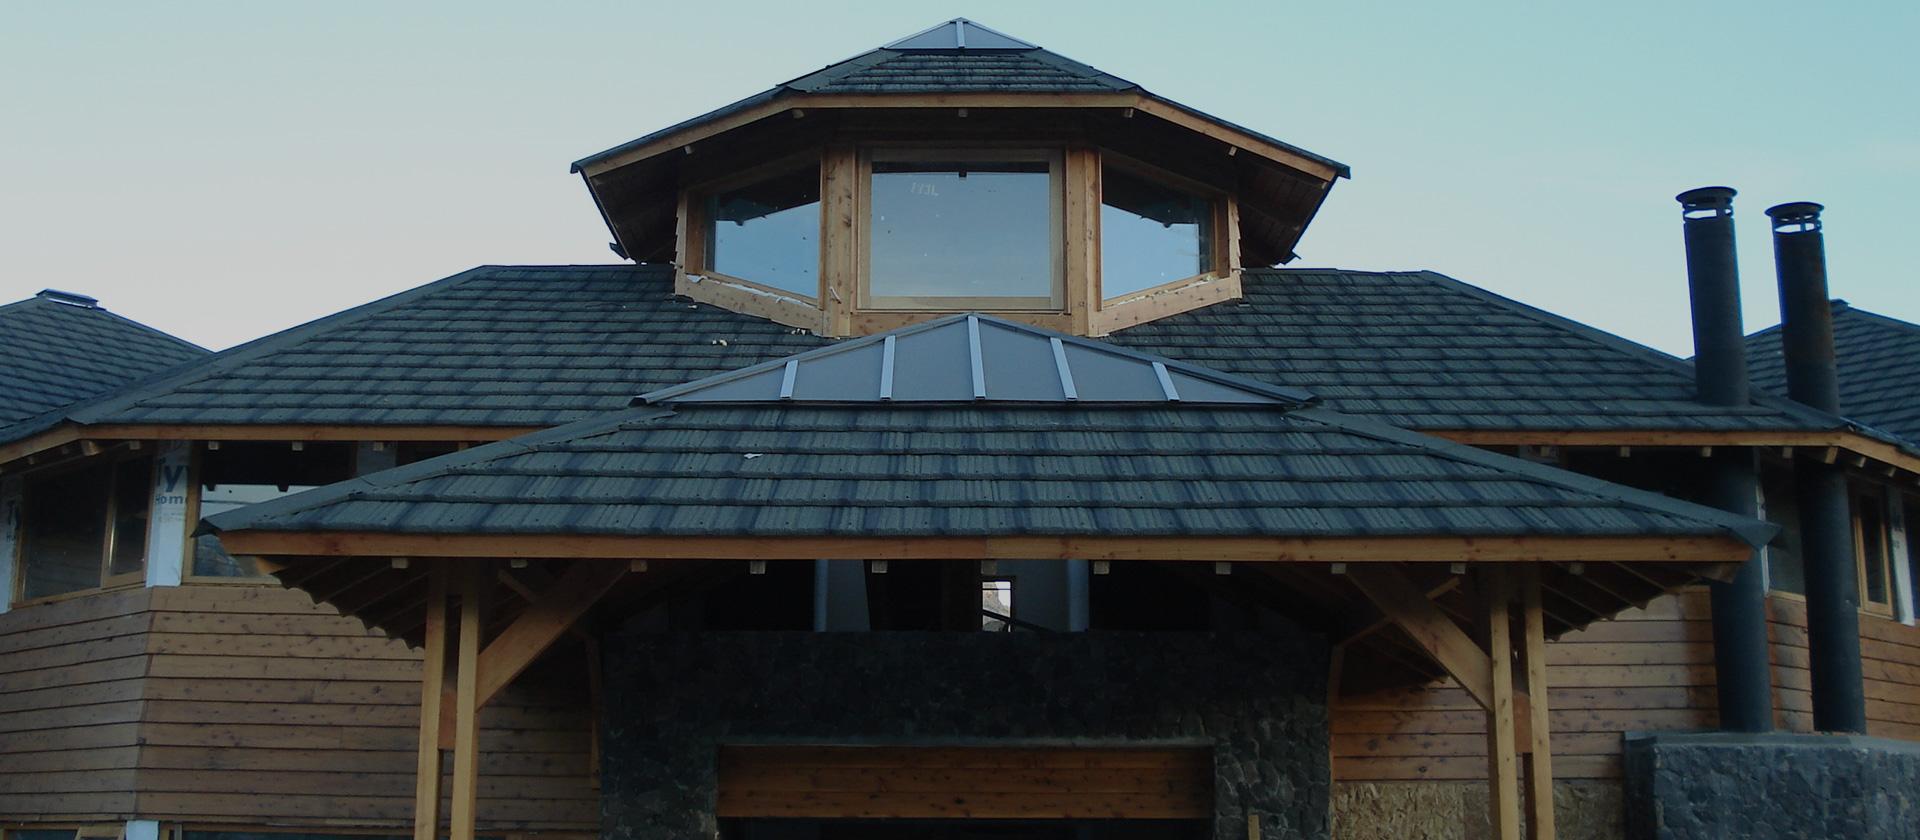 Stampin marek marek tejados for Tipos de tejados de casas